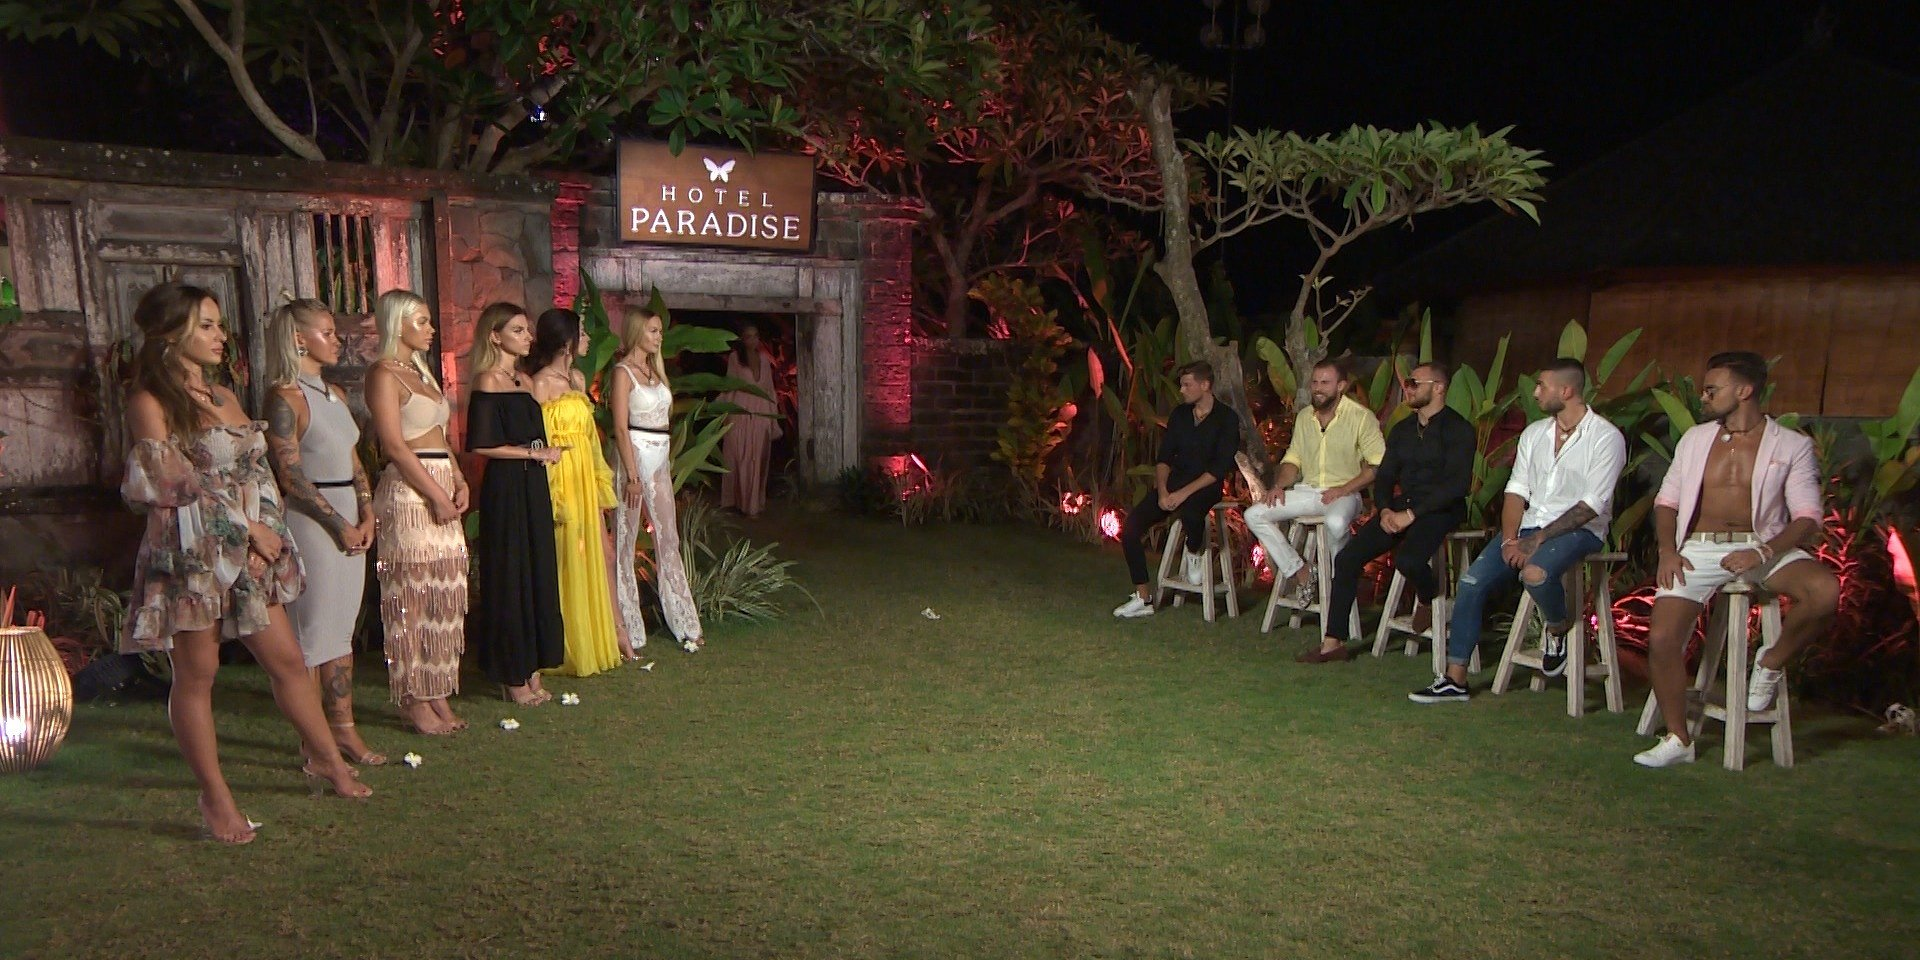 Hotel Paradise 2 - Rajskie Rozdanie! (zapowiedź odcinka 12)